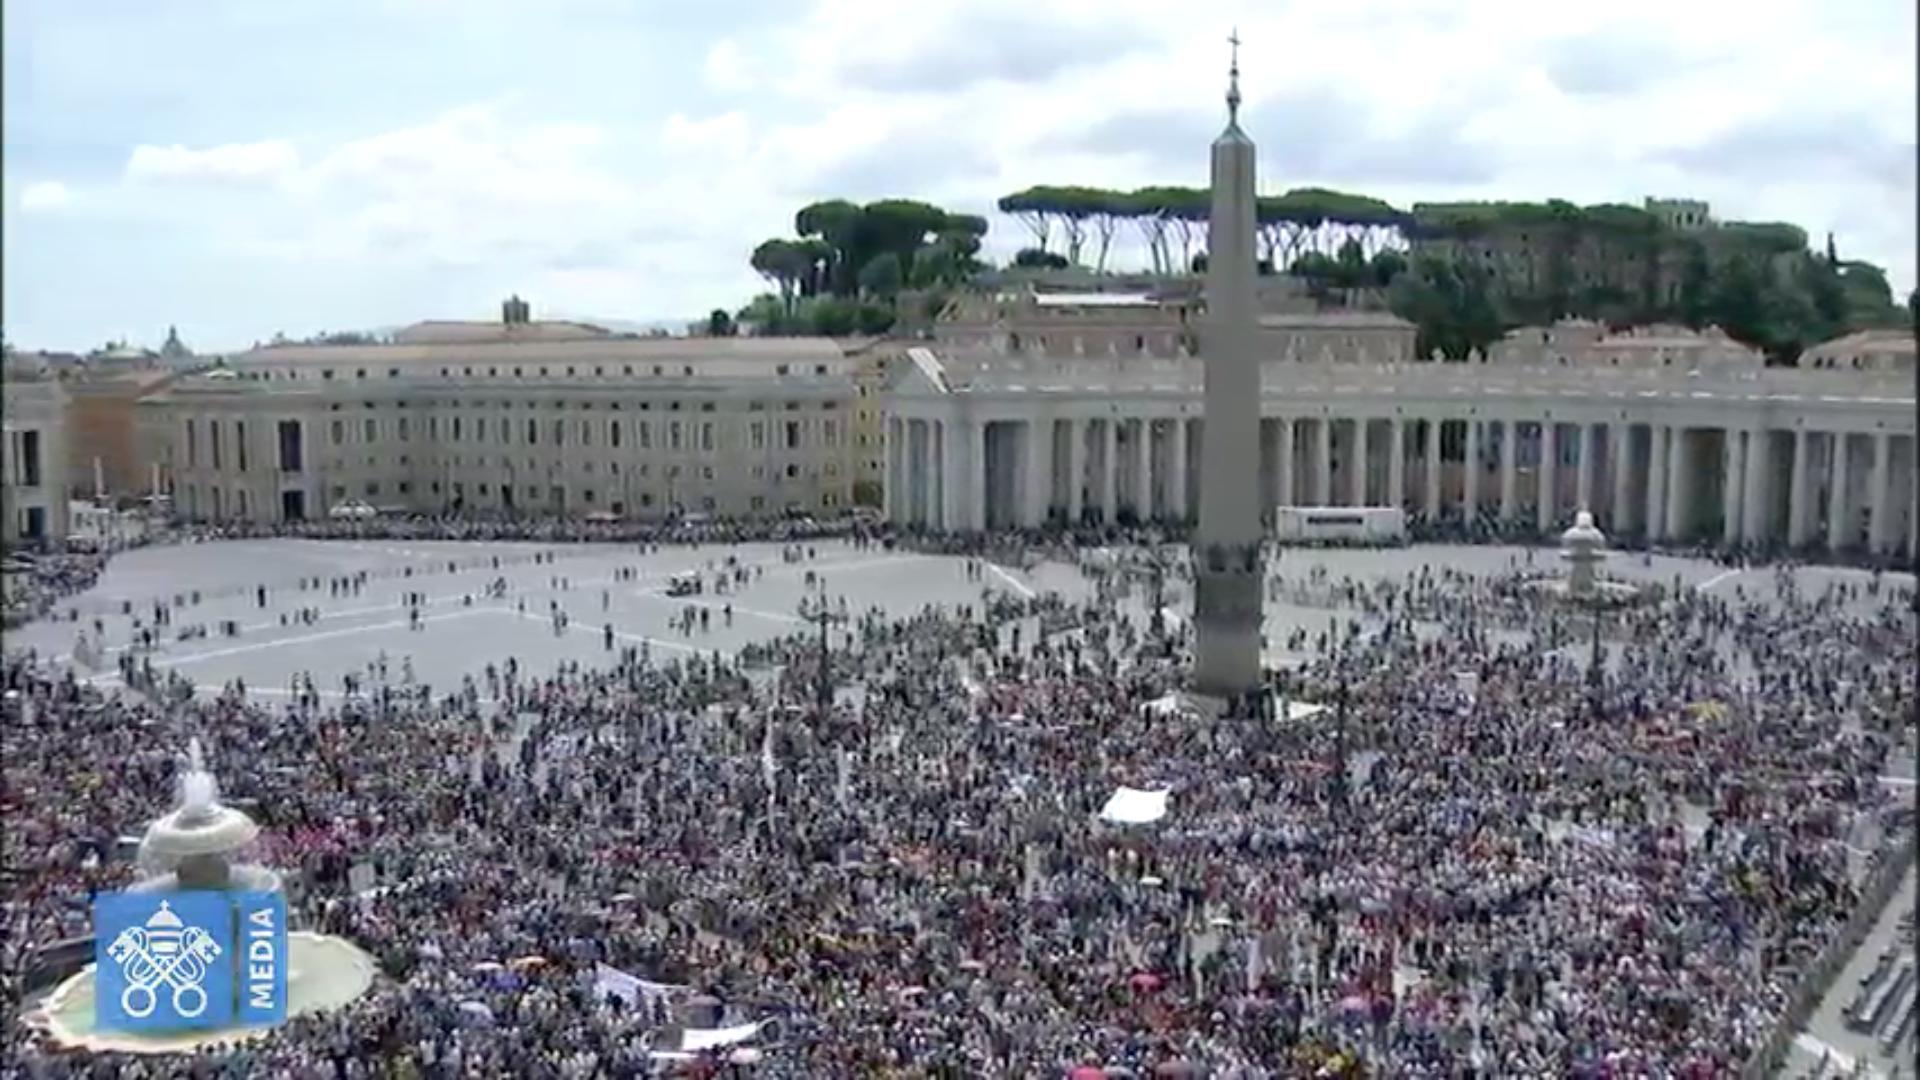 Angélus 24/6/2018 capture @ Vatican Media